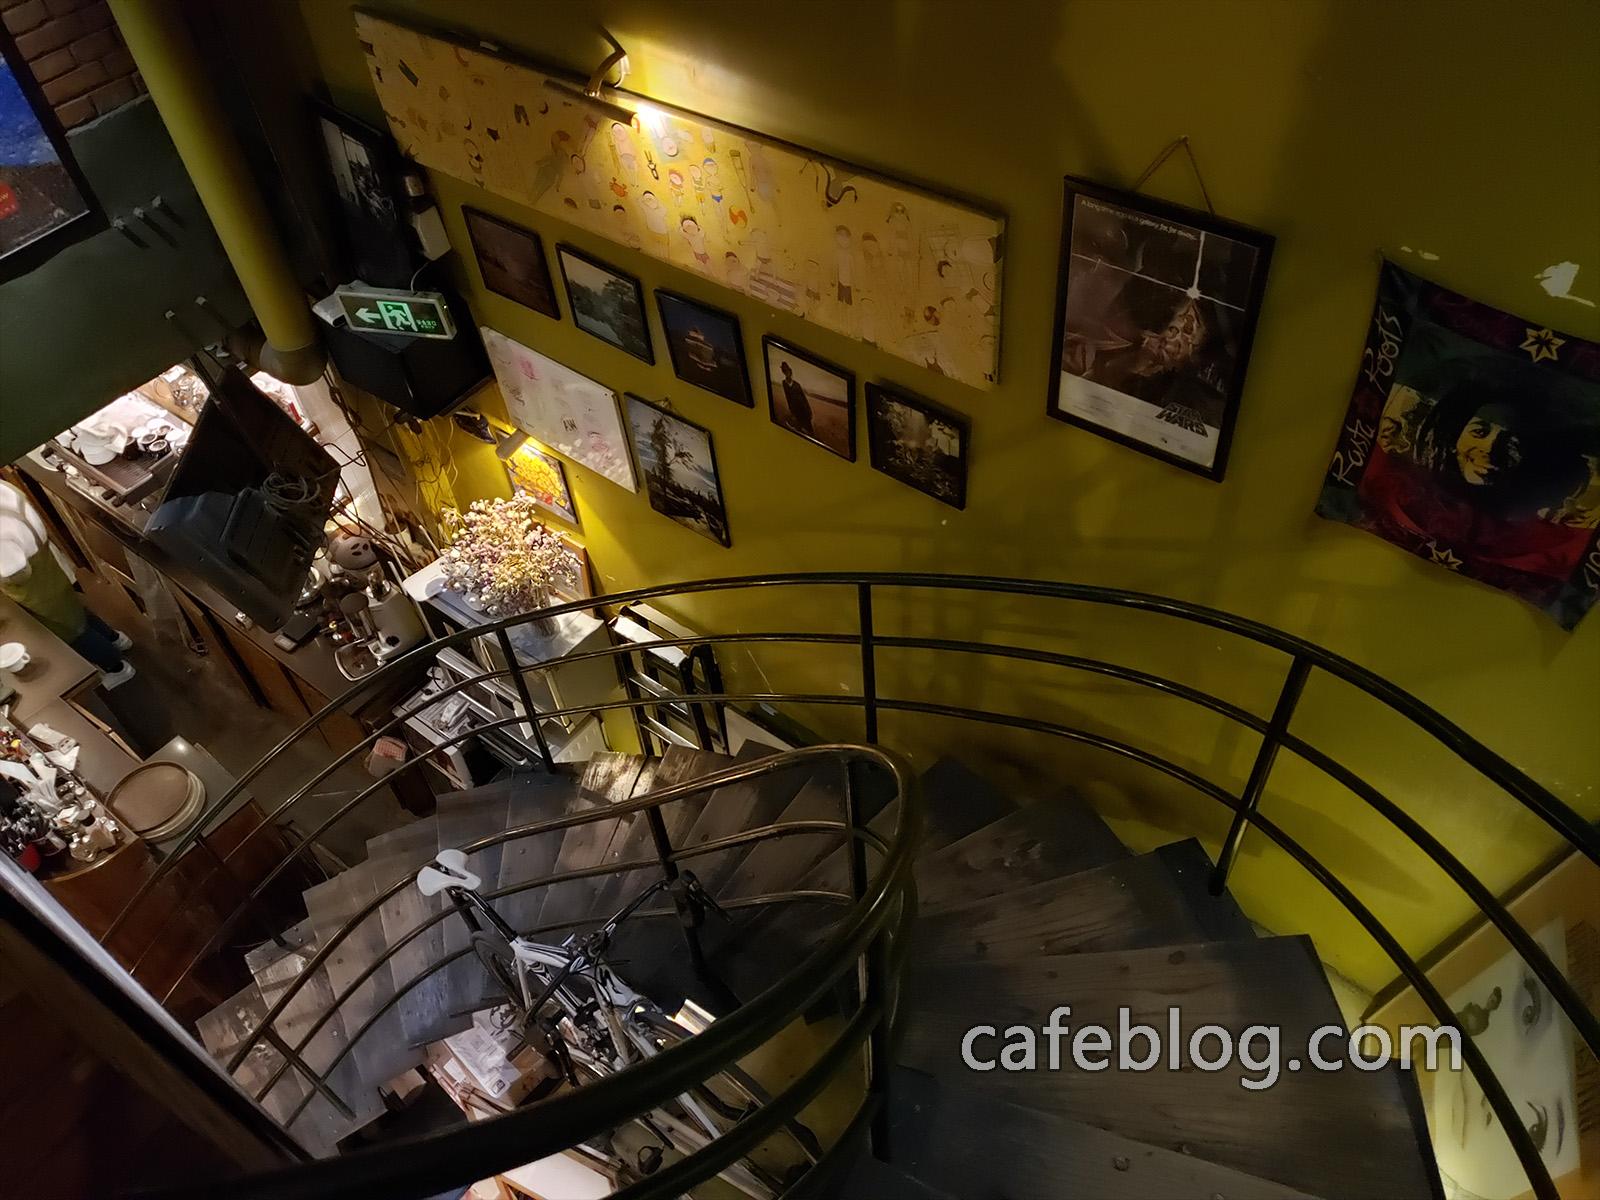 玛雅咖啡馆 Maya Cafe 店里的楼梯。